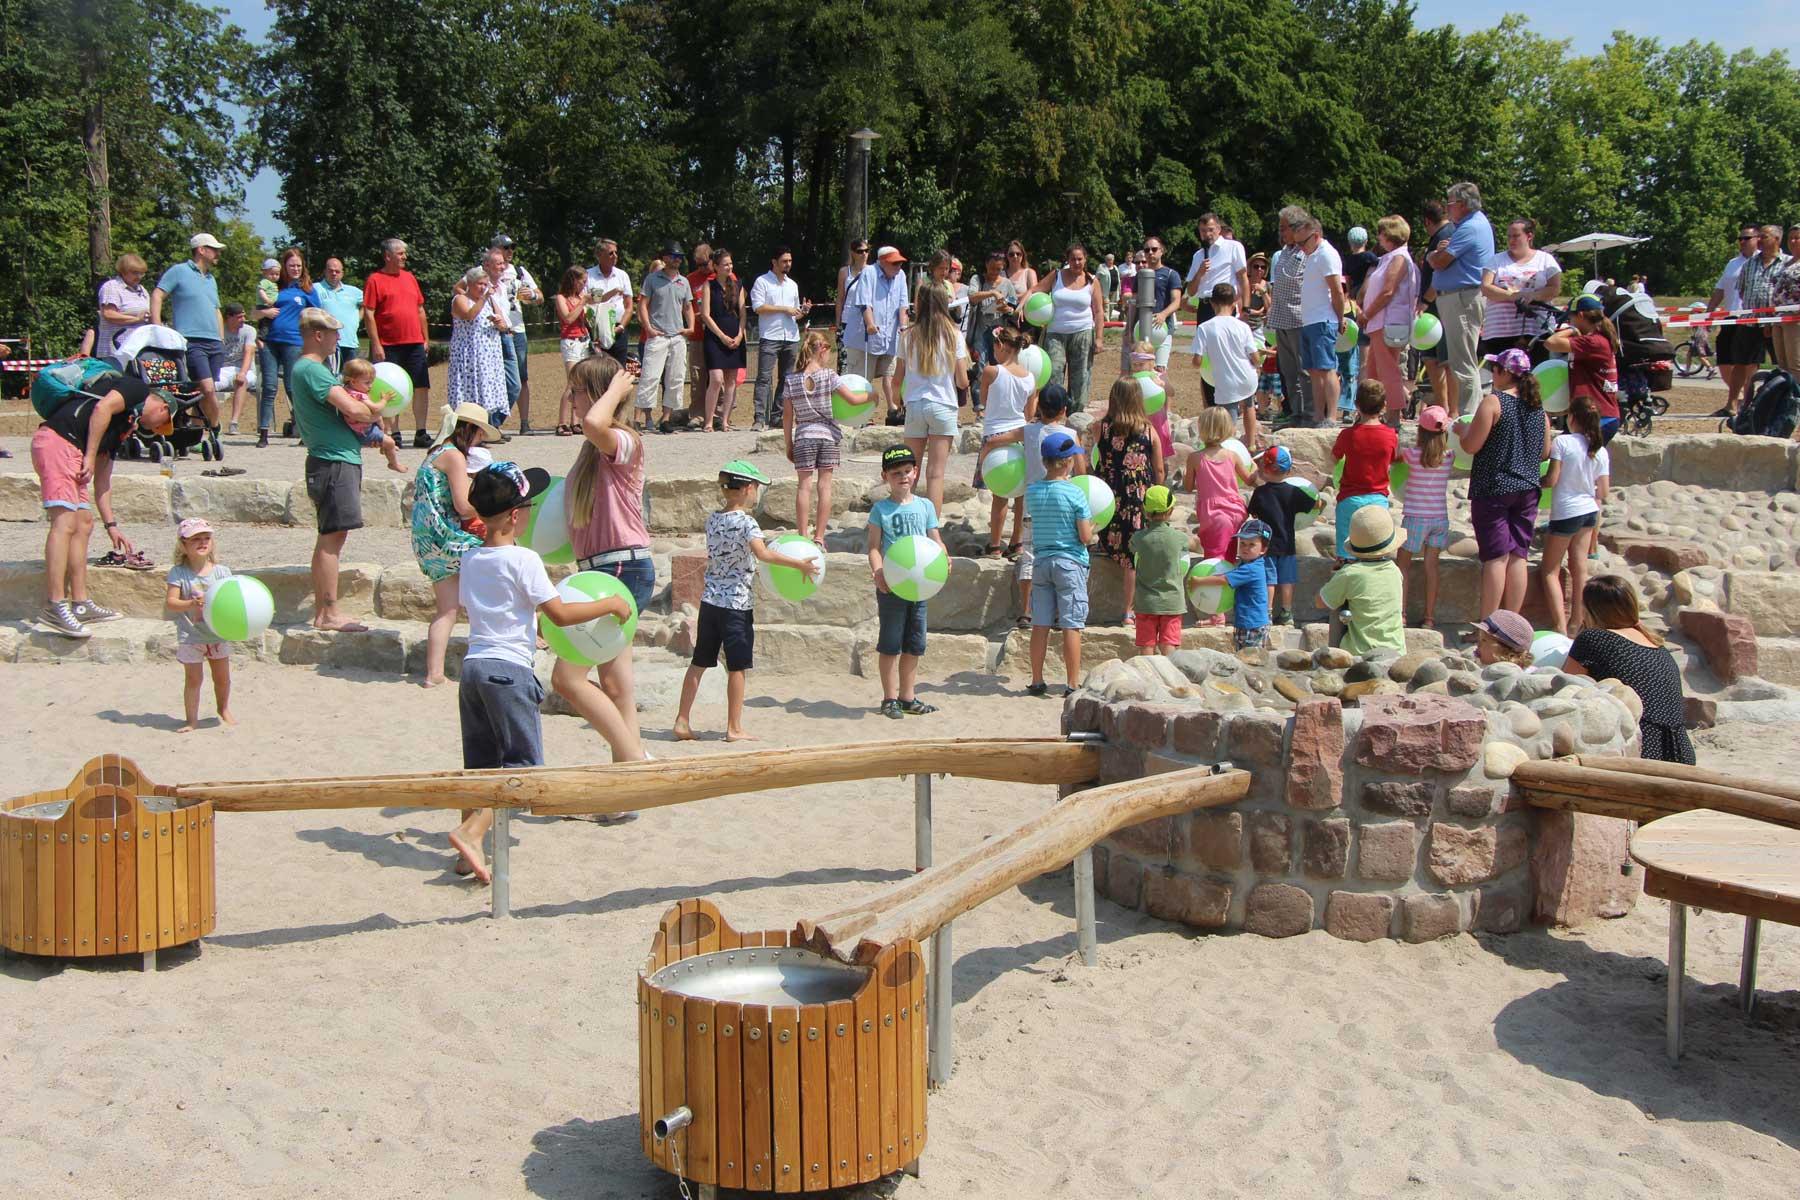 Die Eröffnugn des neuen Wasserspielplatzes im Sole-Aktiv-Park Bad Schönborn